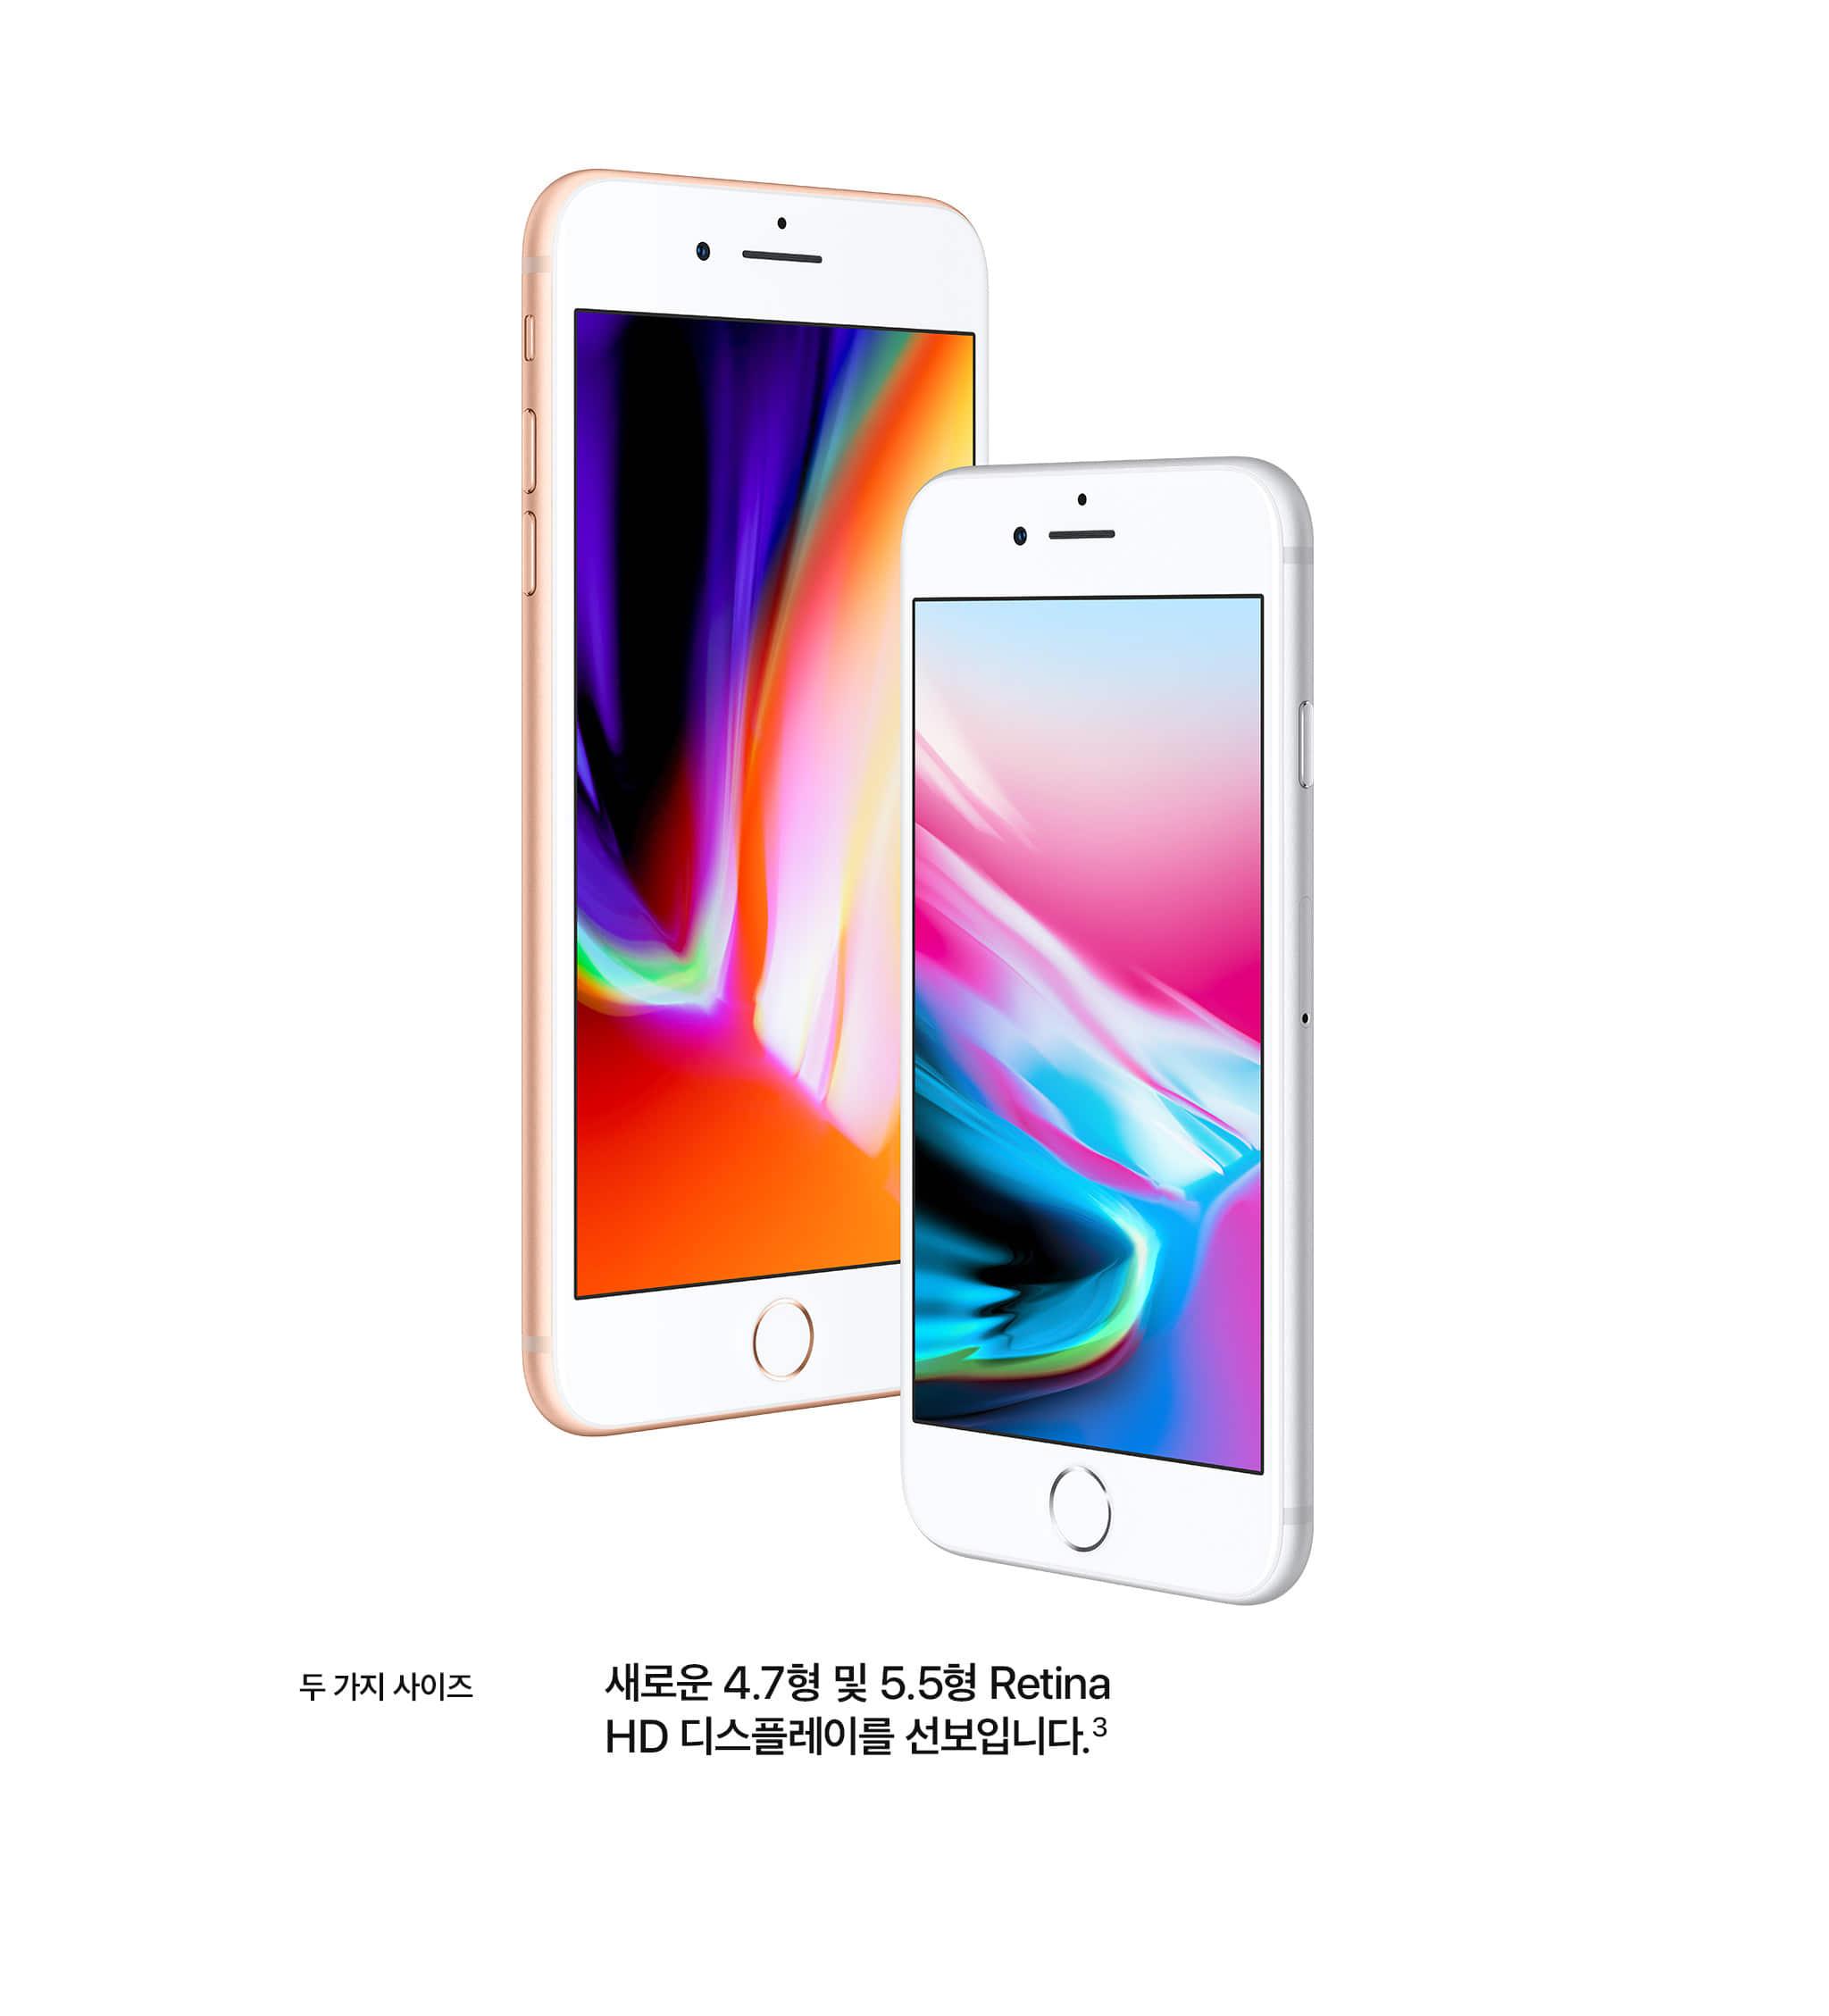 두가지 사이즈 새로운 4.7형 및 5.5형 retina HD 디스플레이를 선보입니다.3